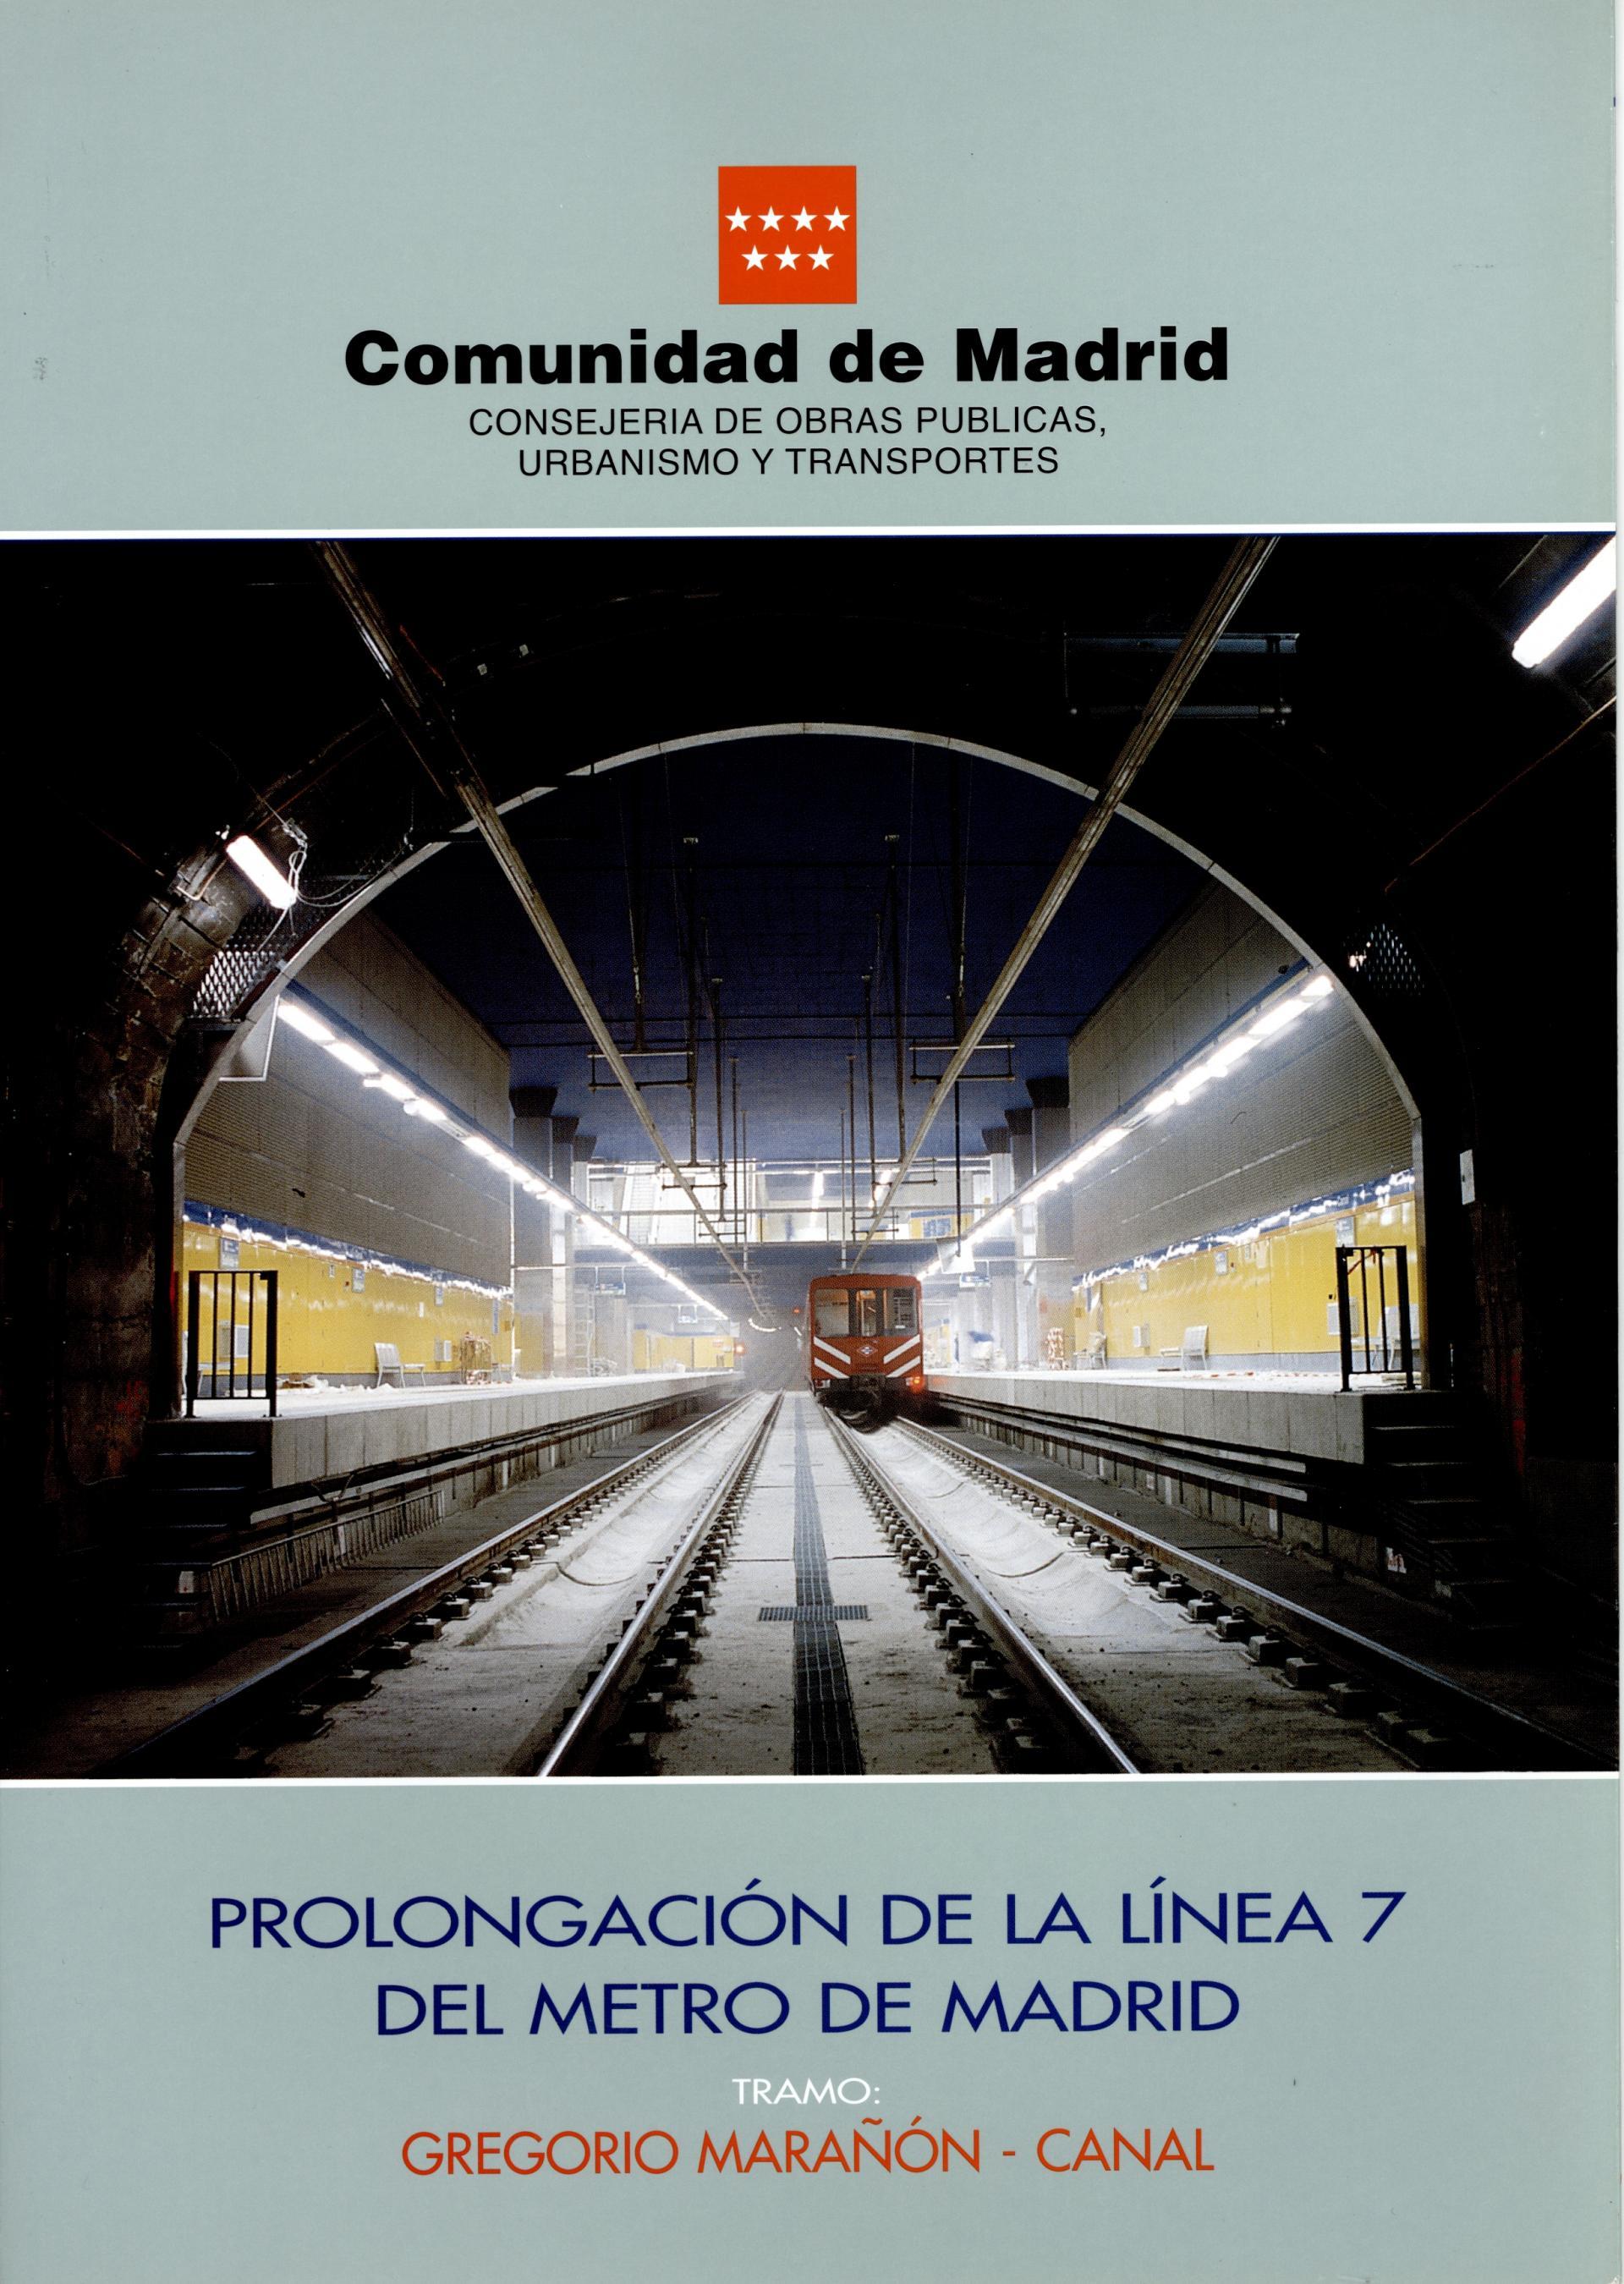 Carátula folleto L7 Gregorio Marañón-Canal